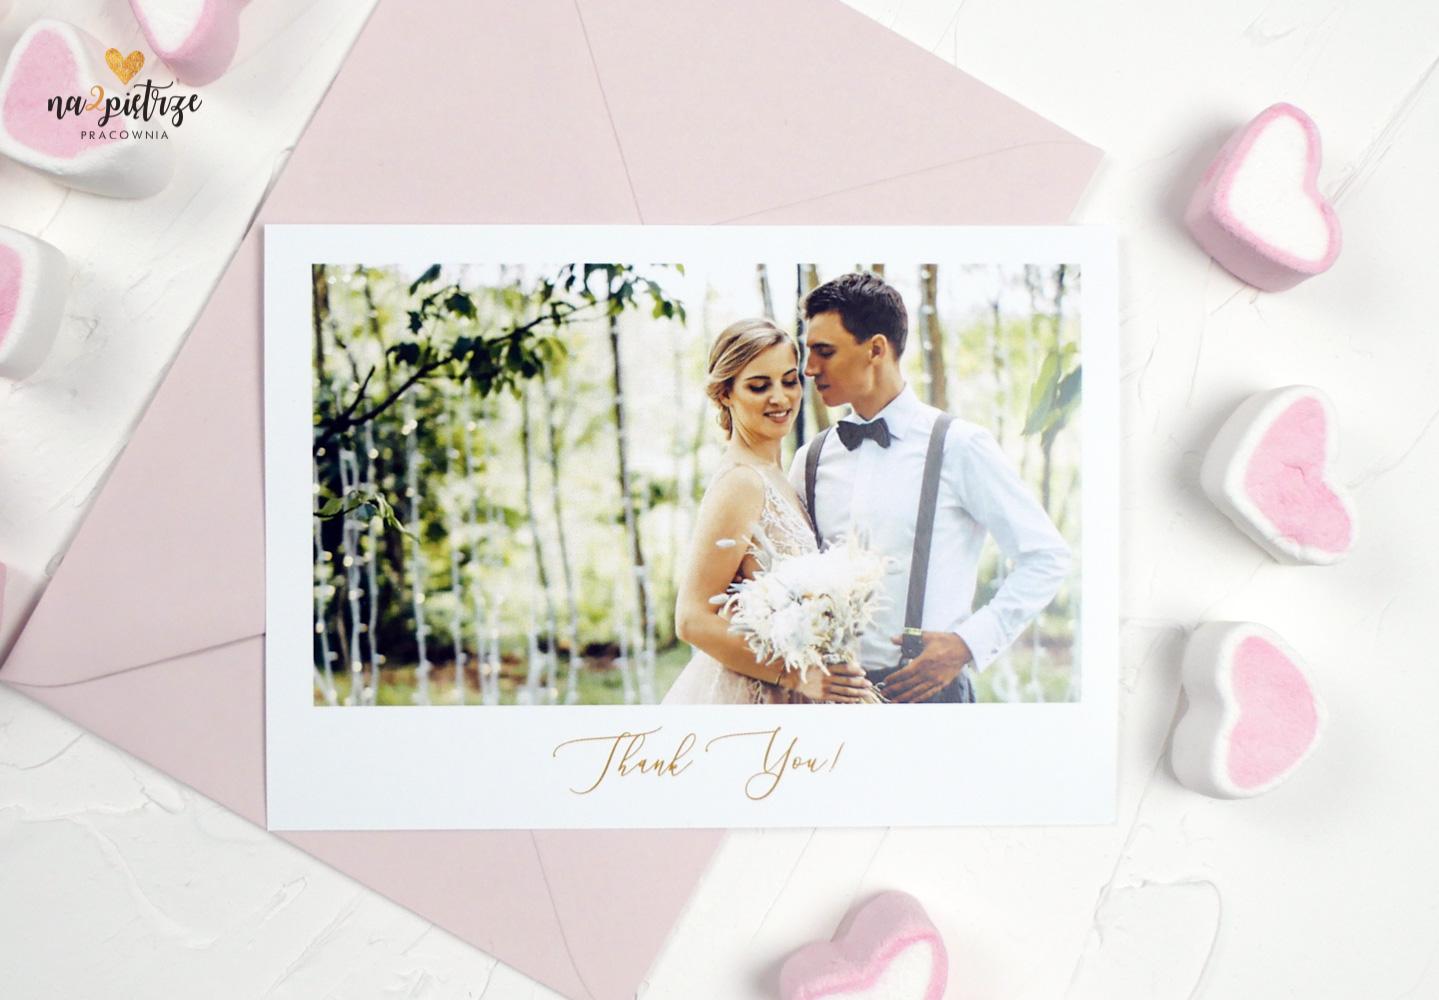 pocztówka ze ślubnym zdjęciem, podziękowanie dla gości, różowa koperta